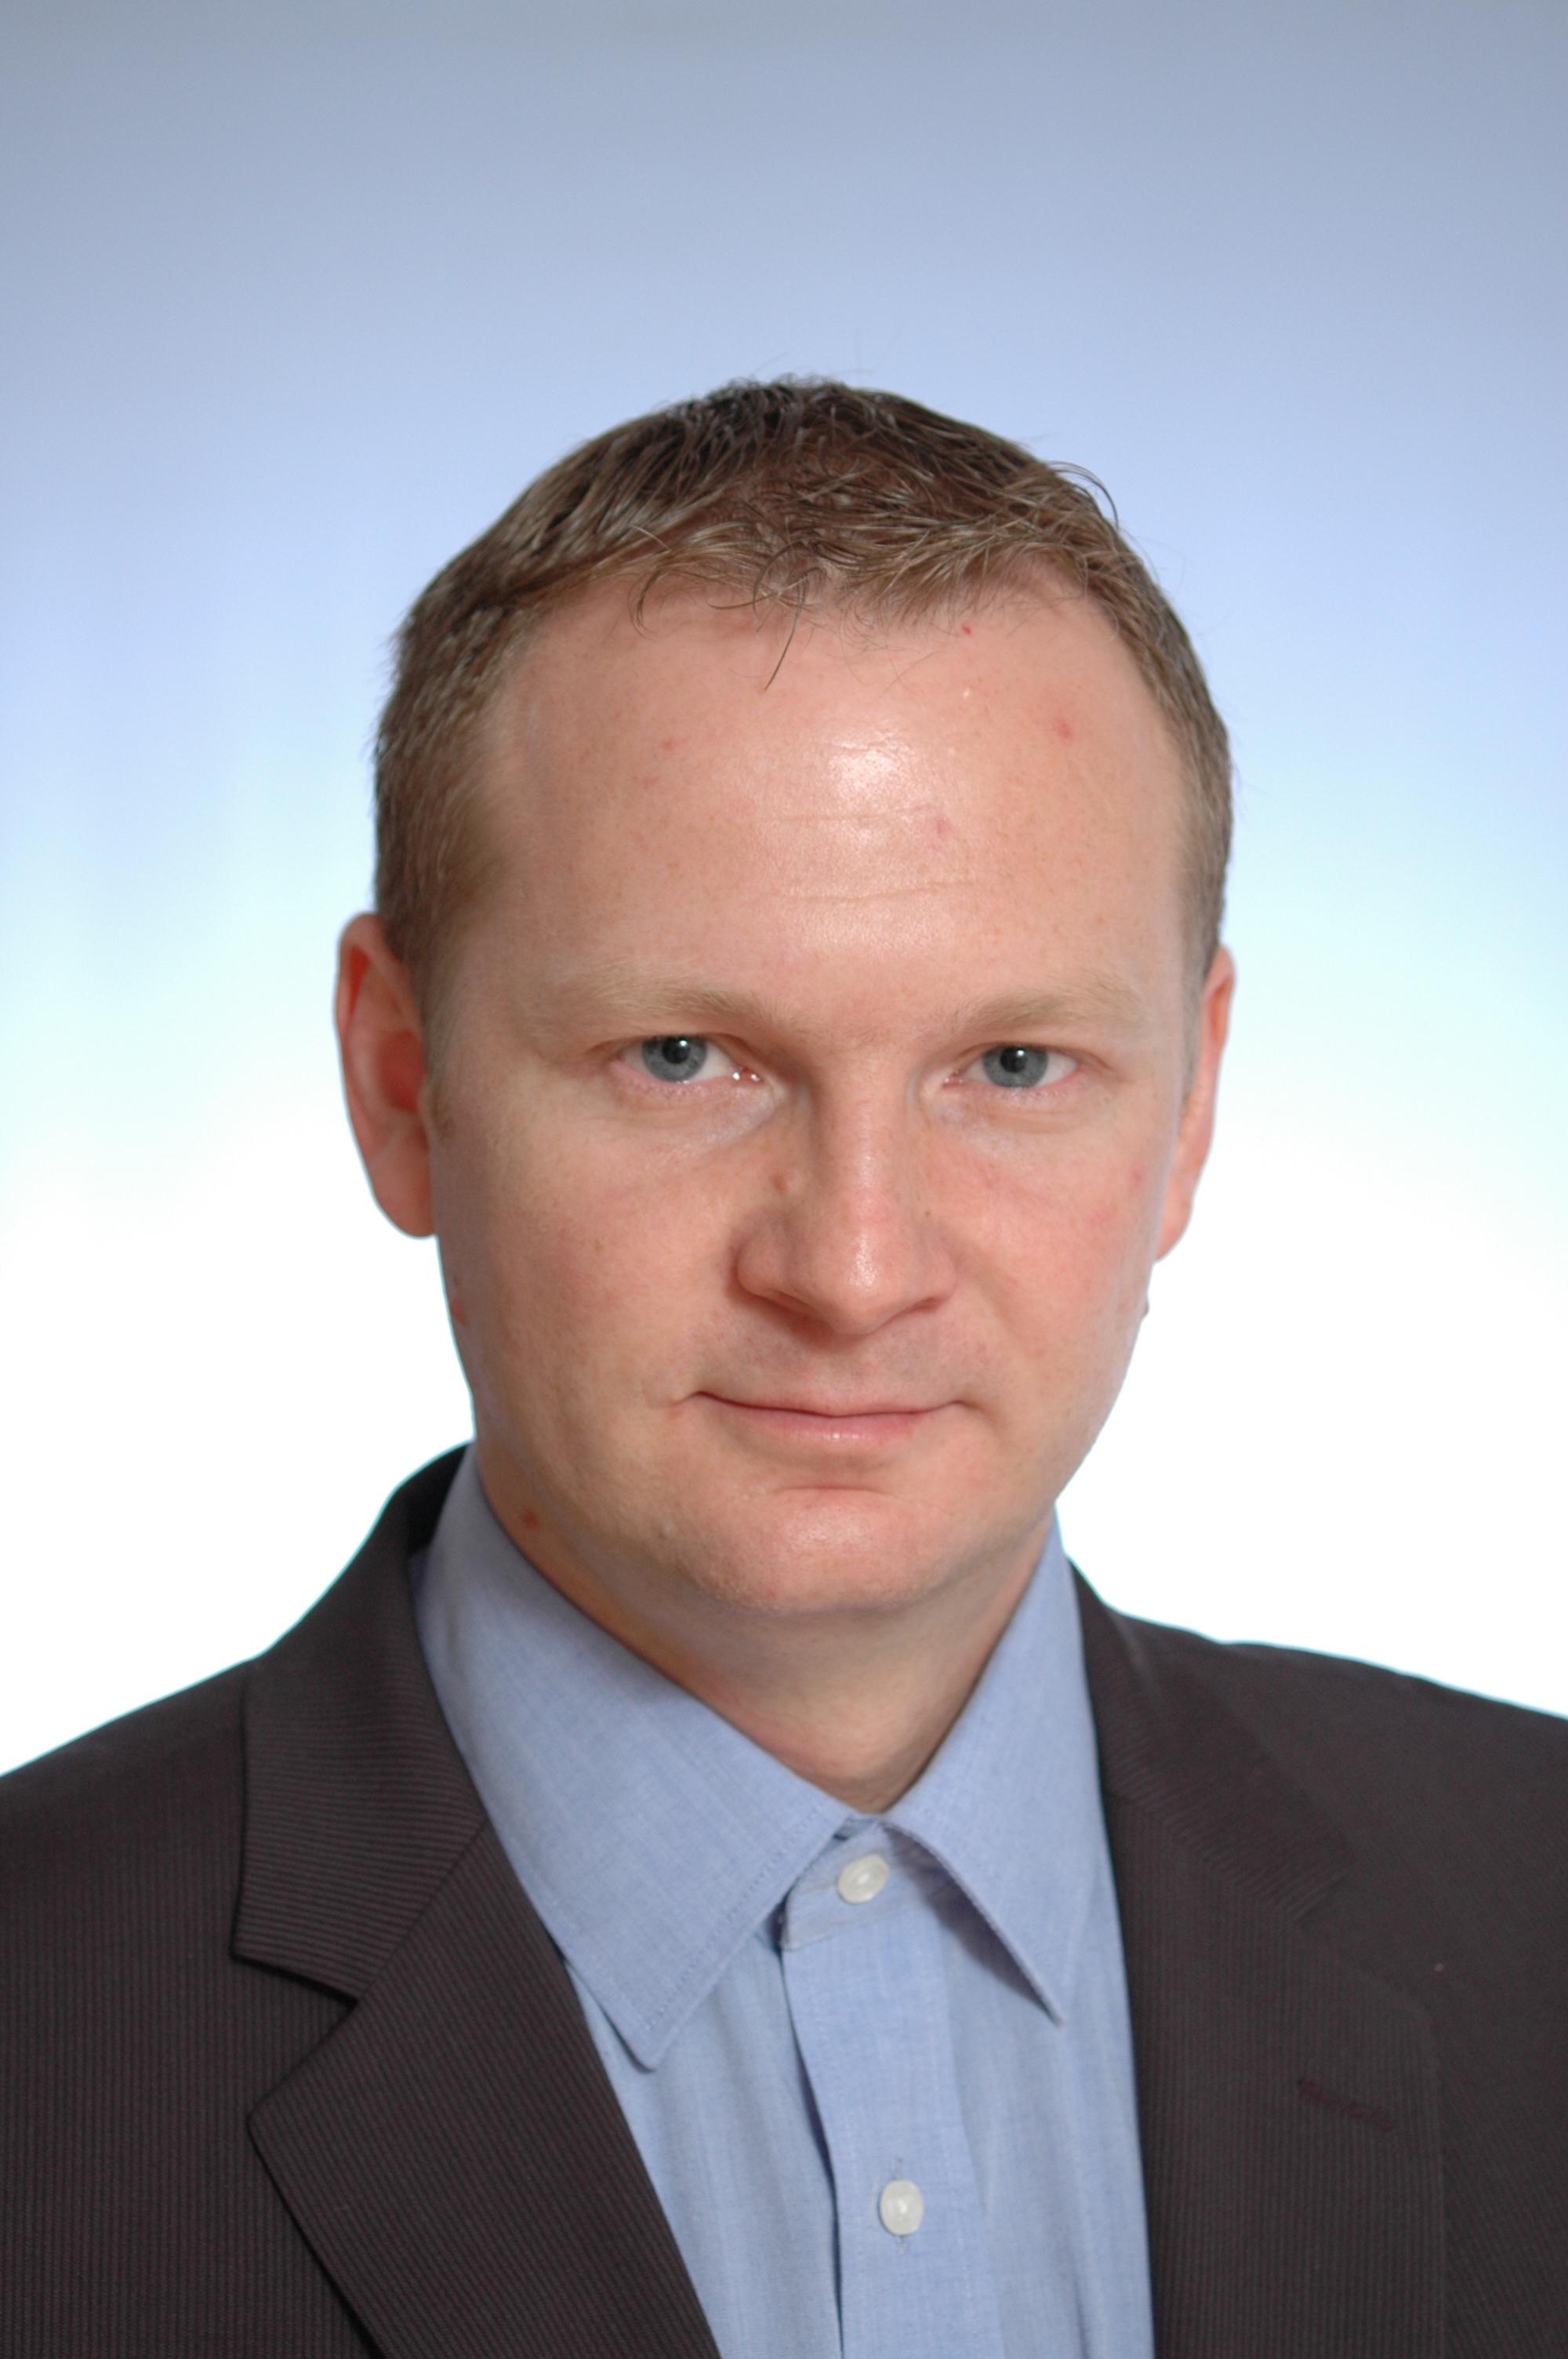 Ing. Petr Svoboda, obrázek se otevře v novém okně